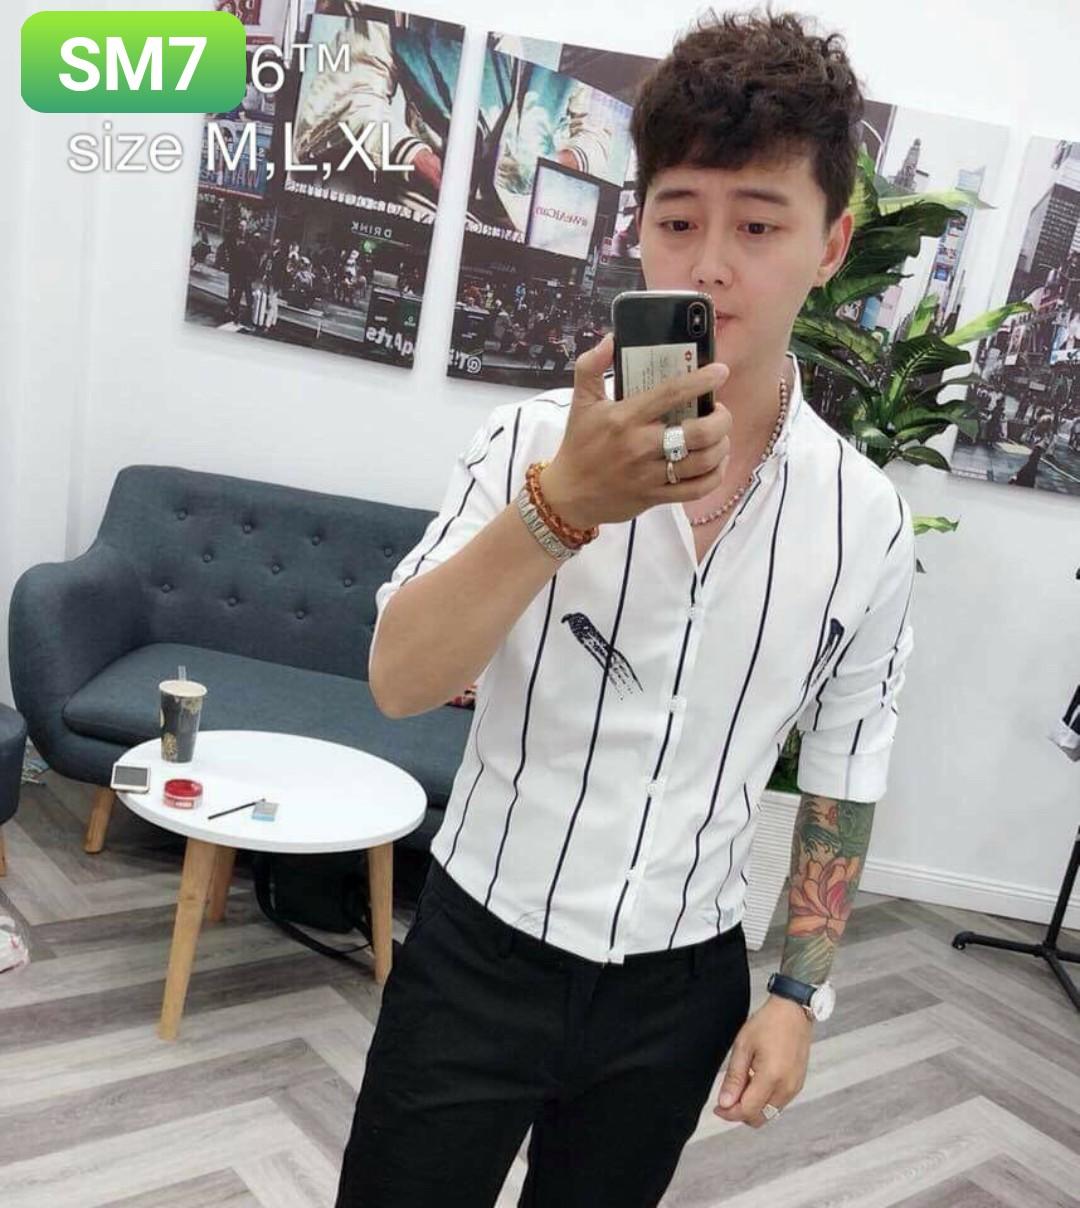 Order áo sơ mi SM7 - 3 size m l xl